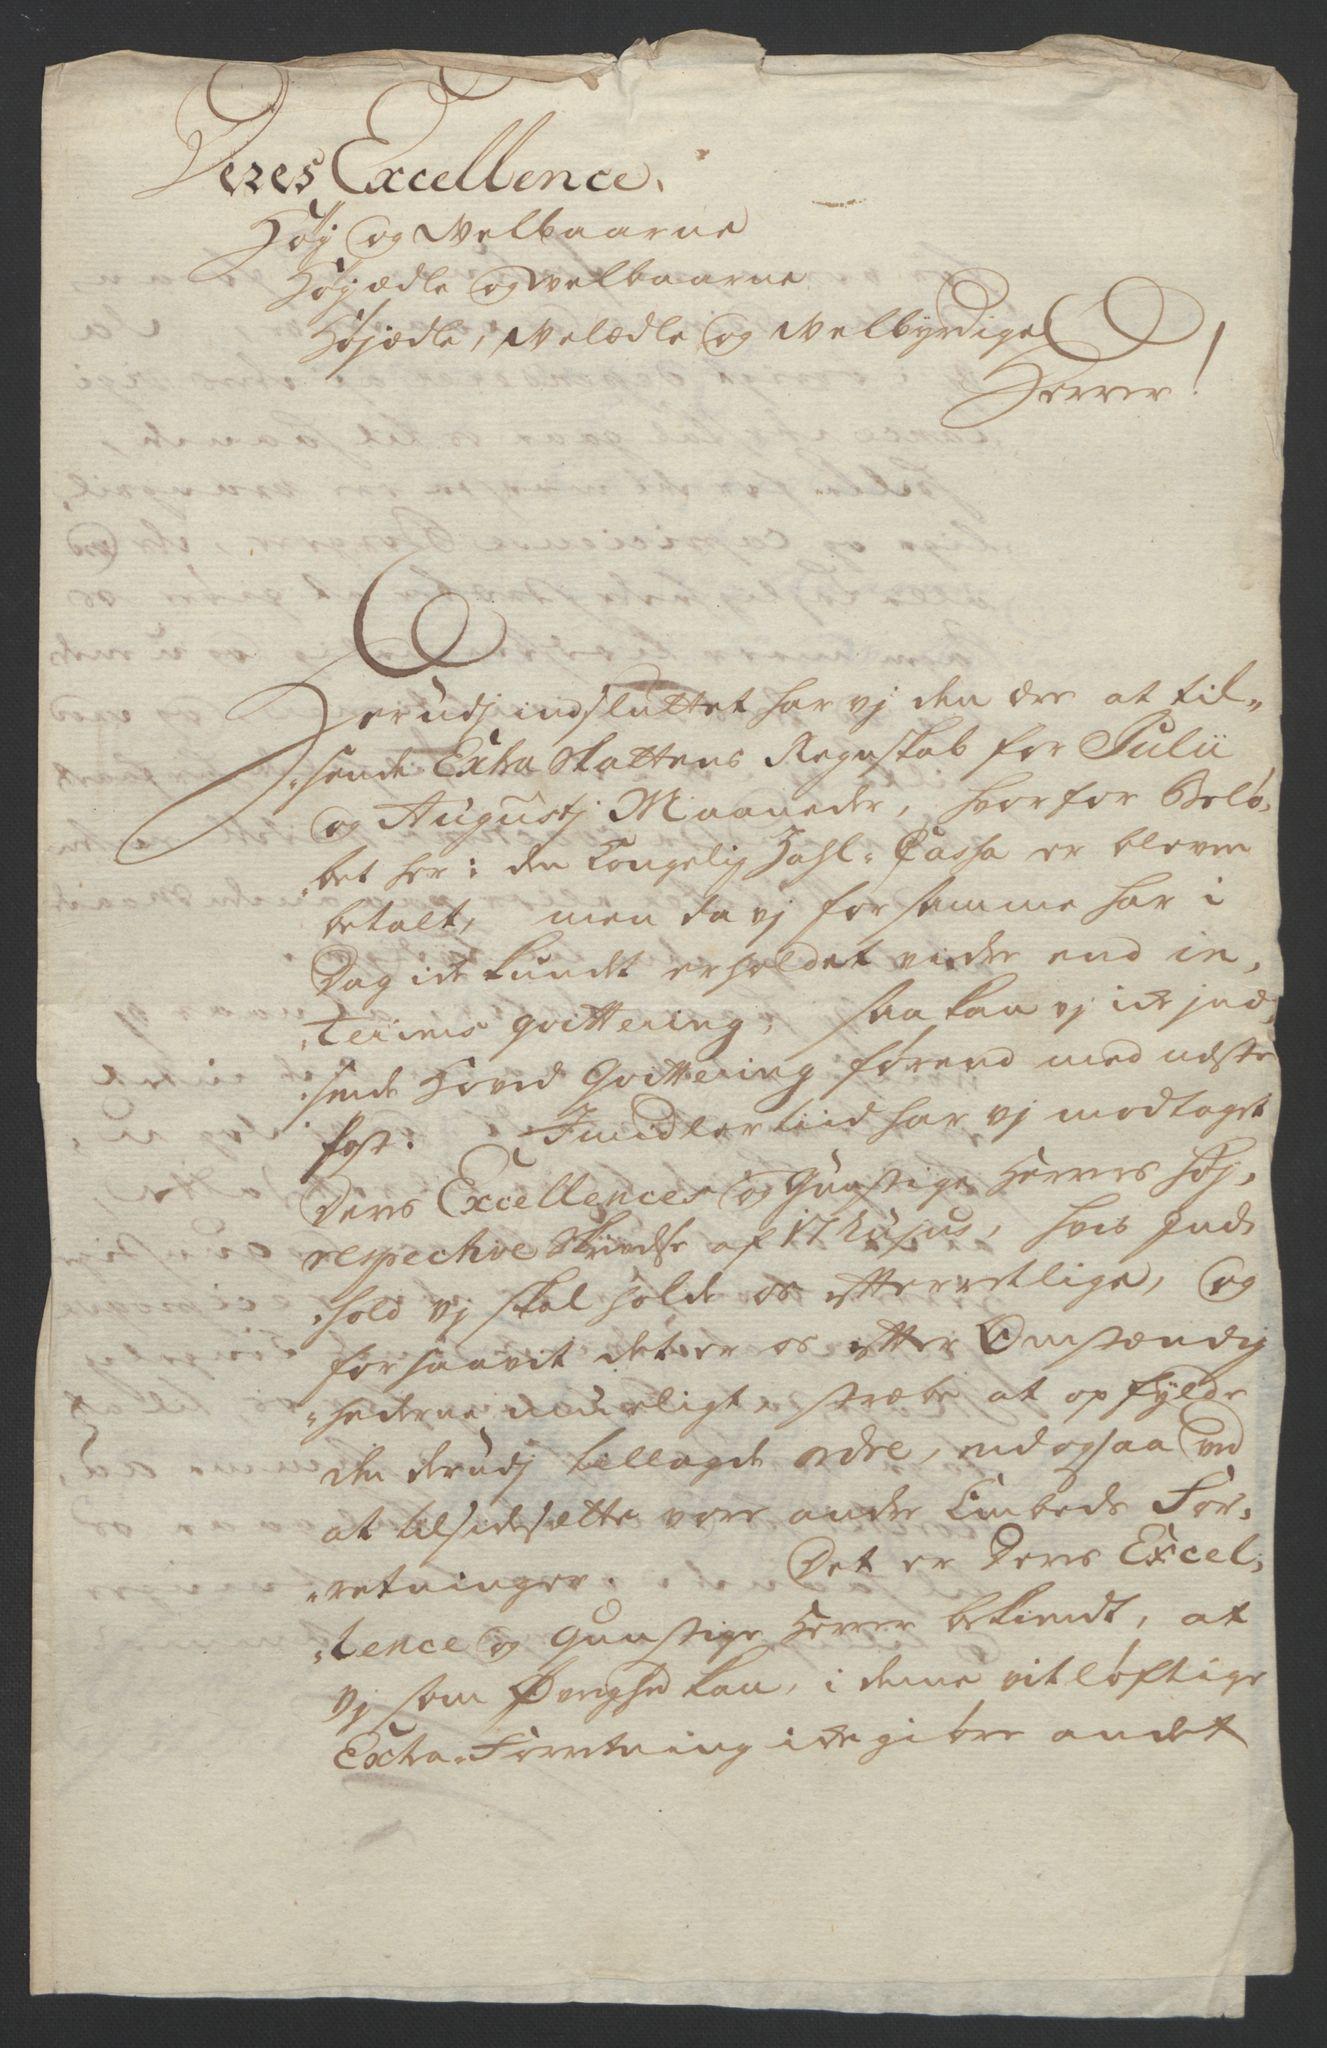 RA, Rentekammeret inntil 1814, Reviderte regnskaper, Byregnskaper, R/Re/L0072: [E13] Kontribusjonsregnskap, 1763-1764, s. 212